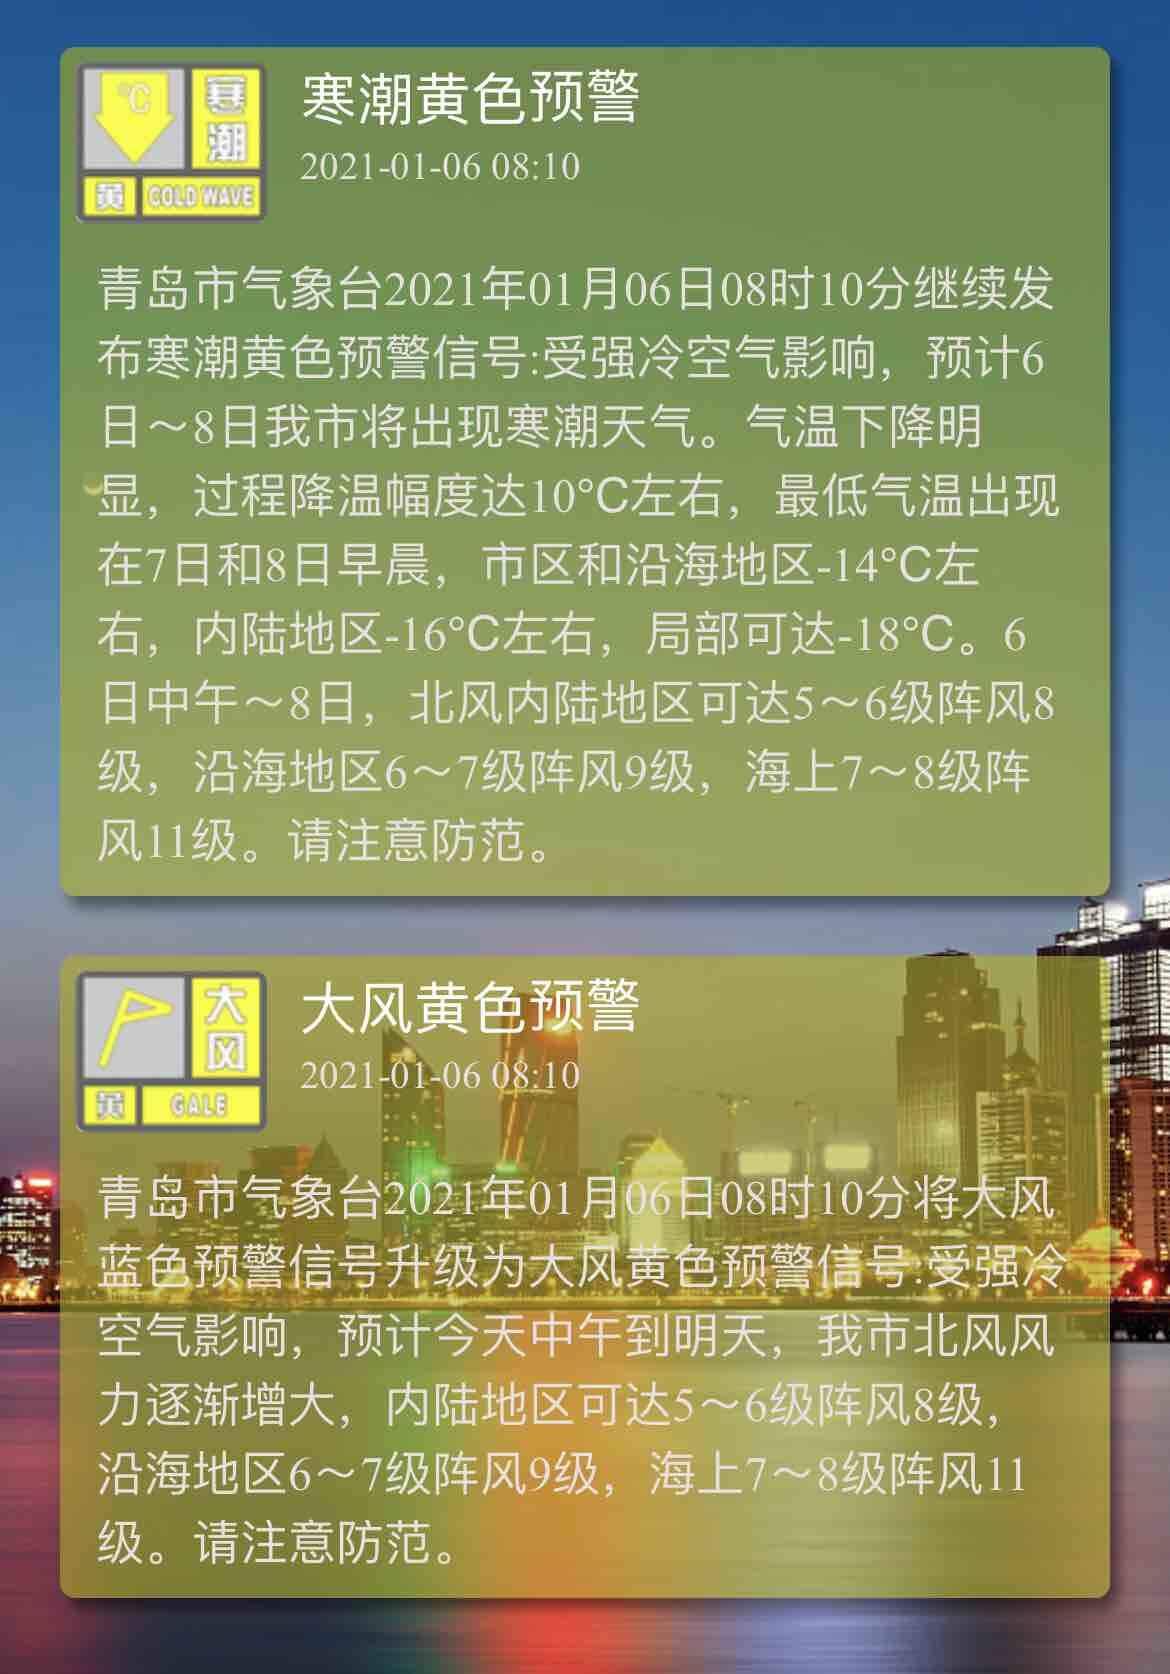 青岛继续发布寒潮黄色预警和大风黄色预警 局部低温可达-18℃